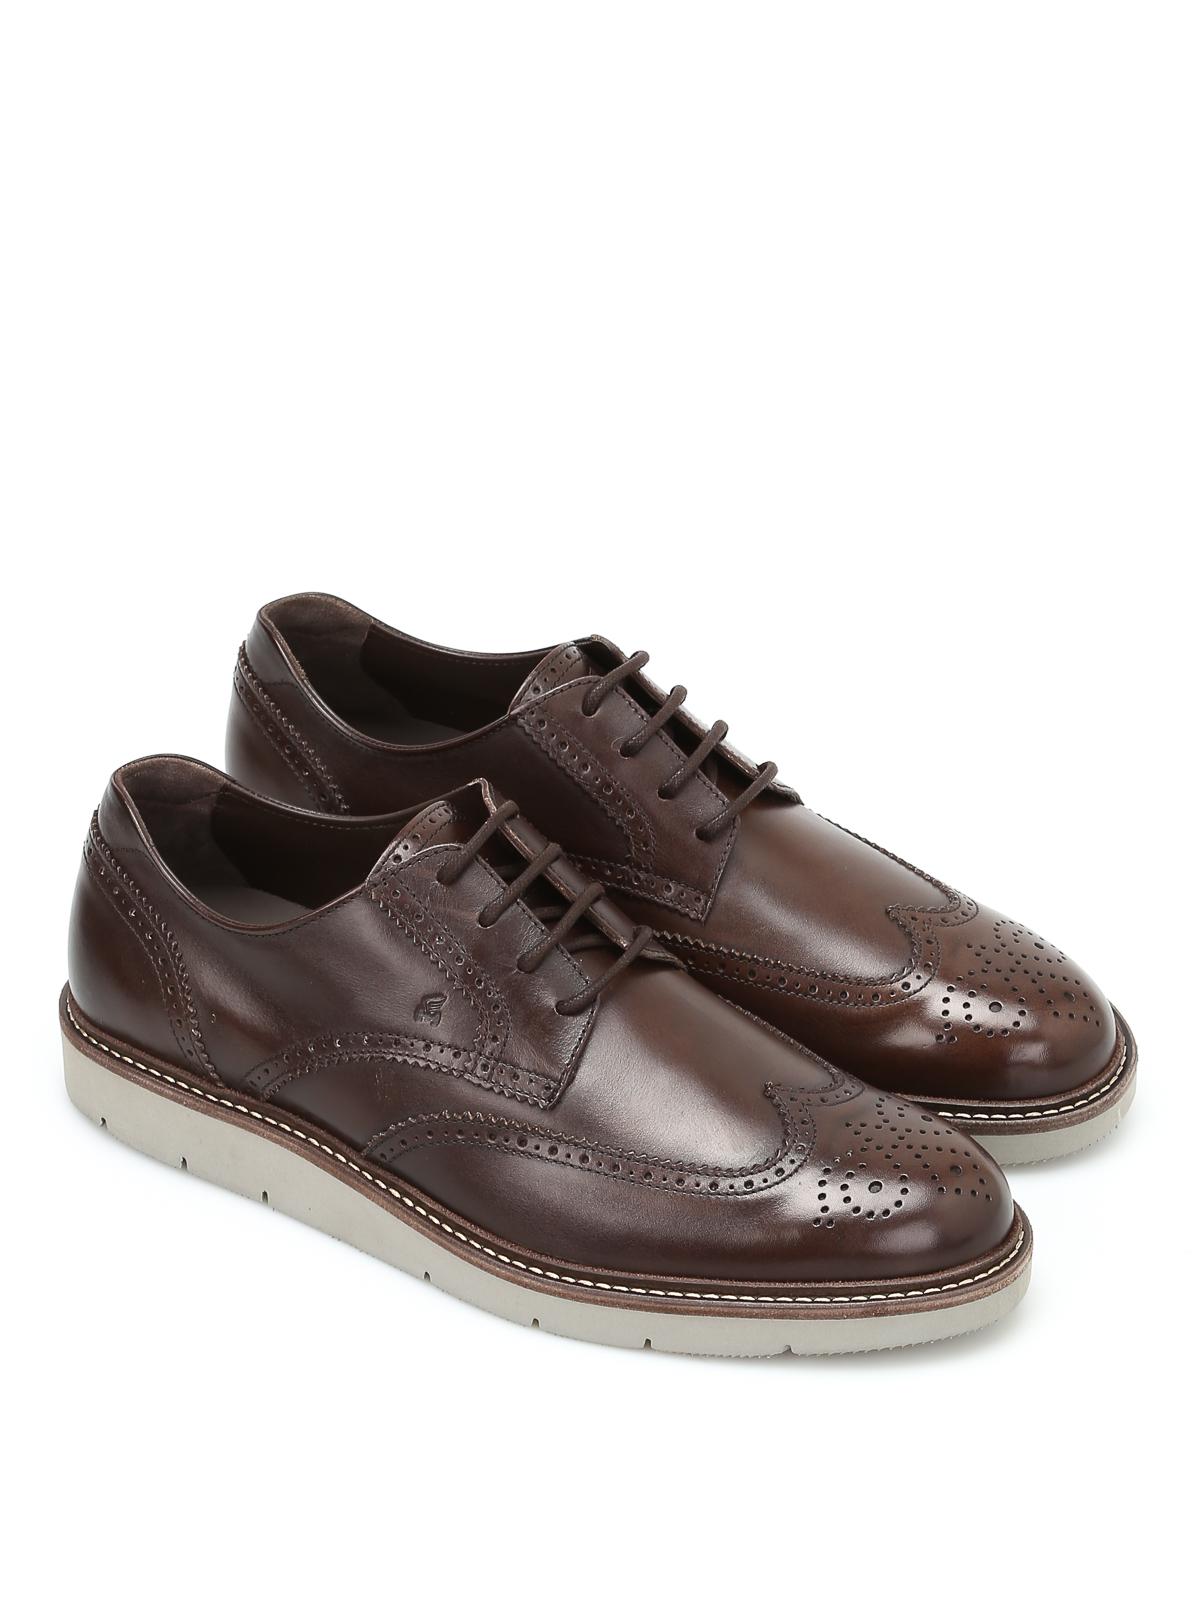 Hogan - Stringate Derby H322 - scarpe stringate - HXM3220Y2107X7S800 633d122a66d